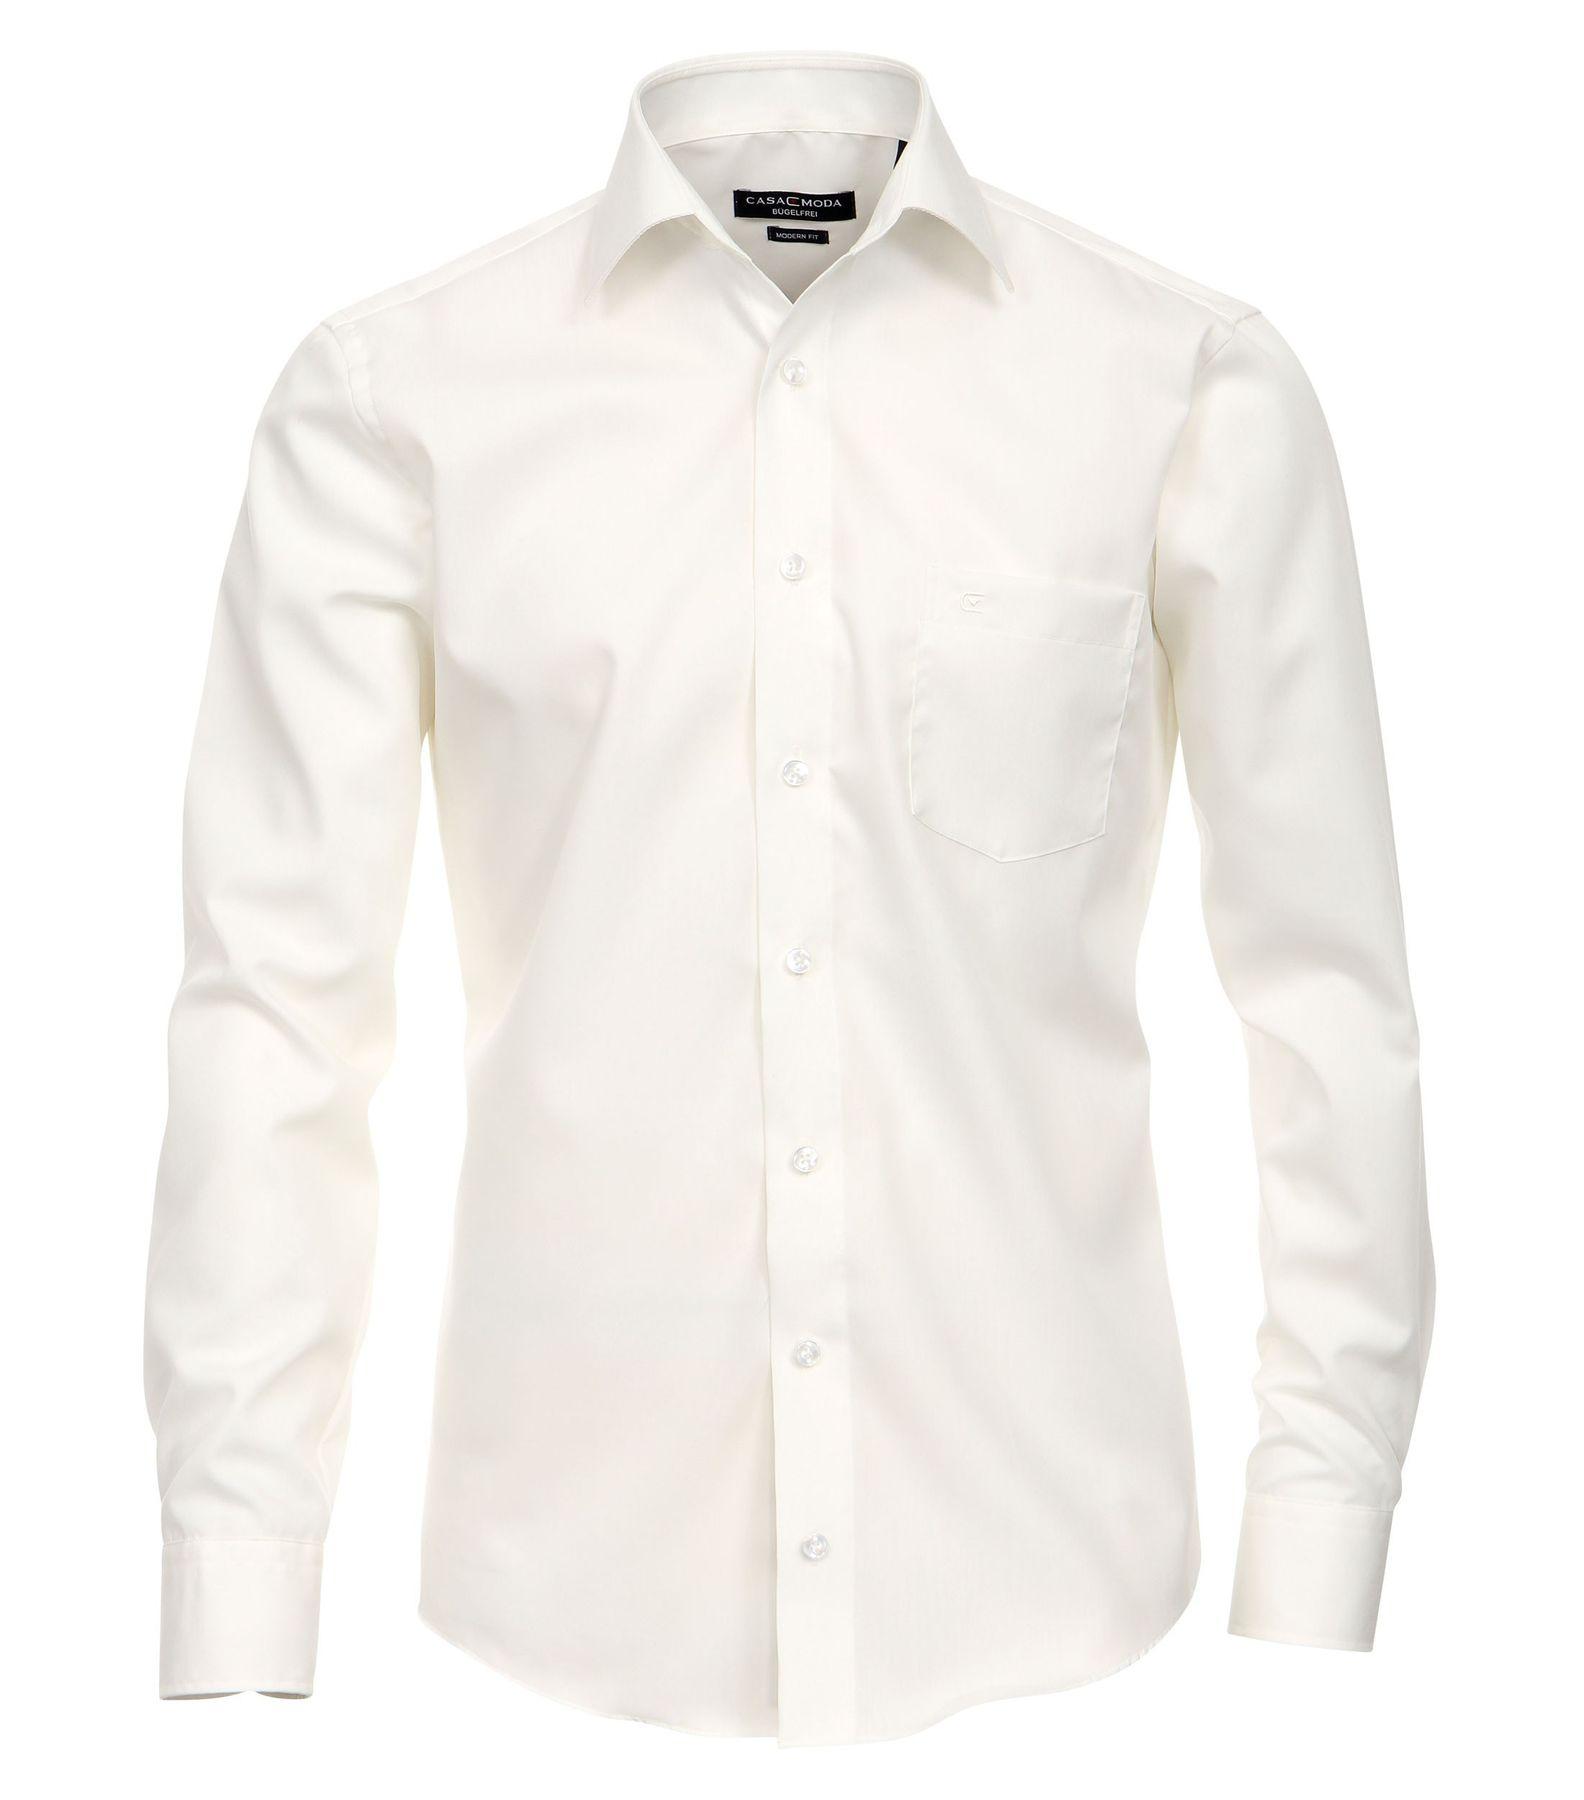 Casa Moda - Modern Fit - Bügelfreies Herren Business Hemd mit Extra langem Arm (72cm) in verschiedenen Farben (006562) – Bild 17